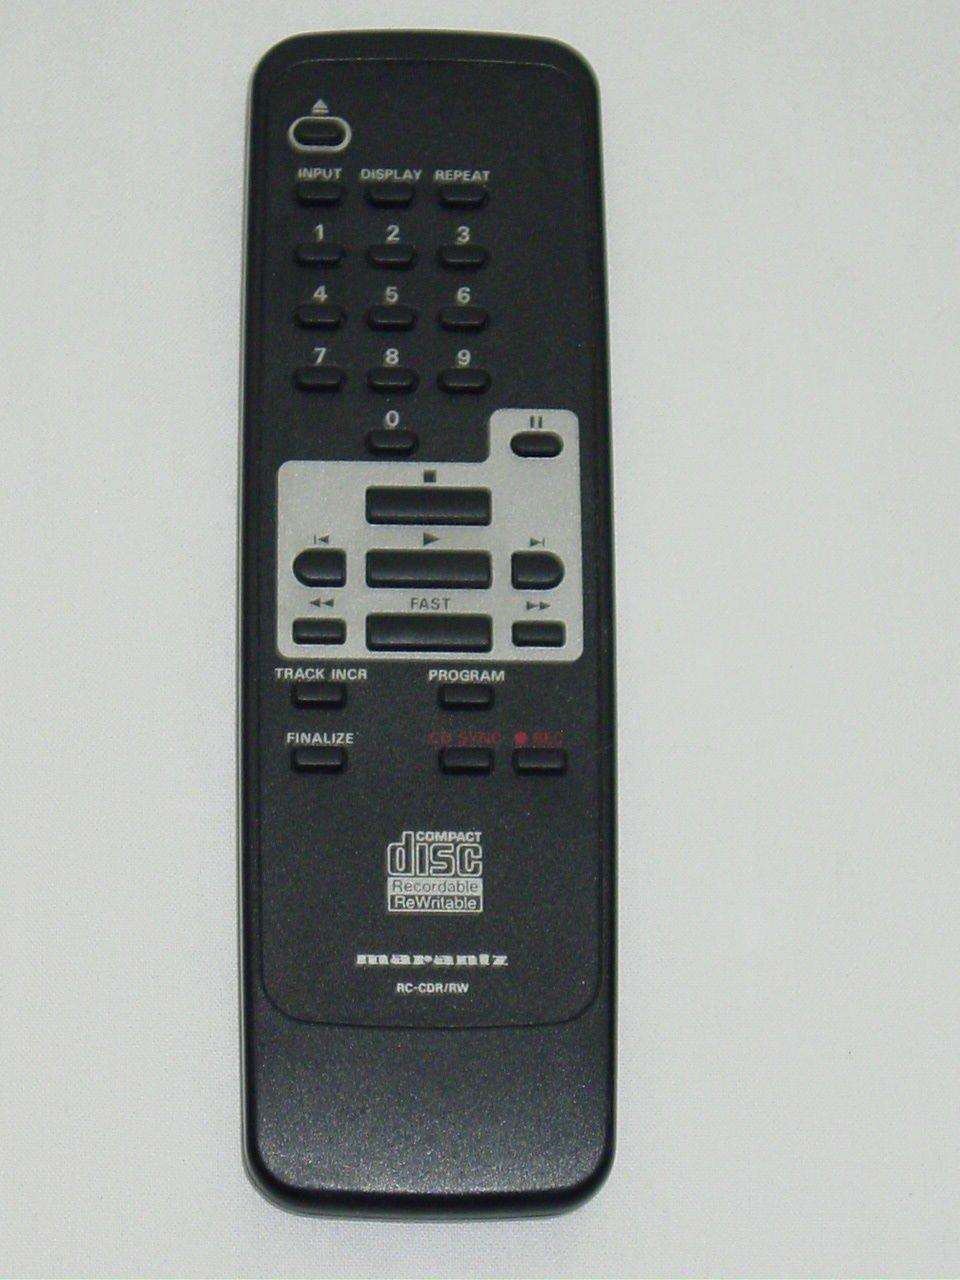 Marantz RC-7925/02 RC-CDR/RW CD Recorder Remote Control 3139-228-80871